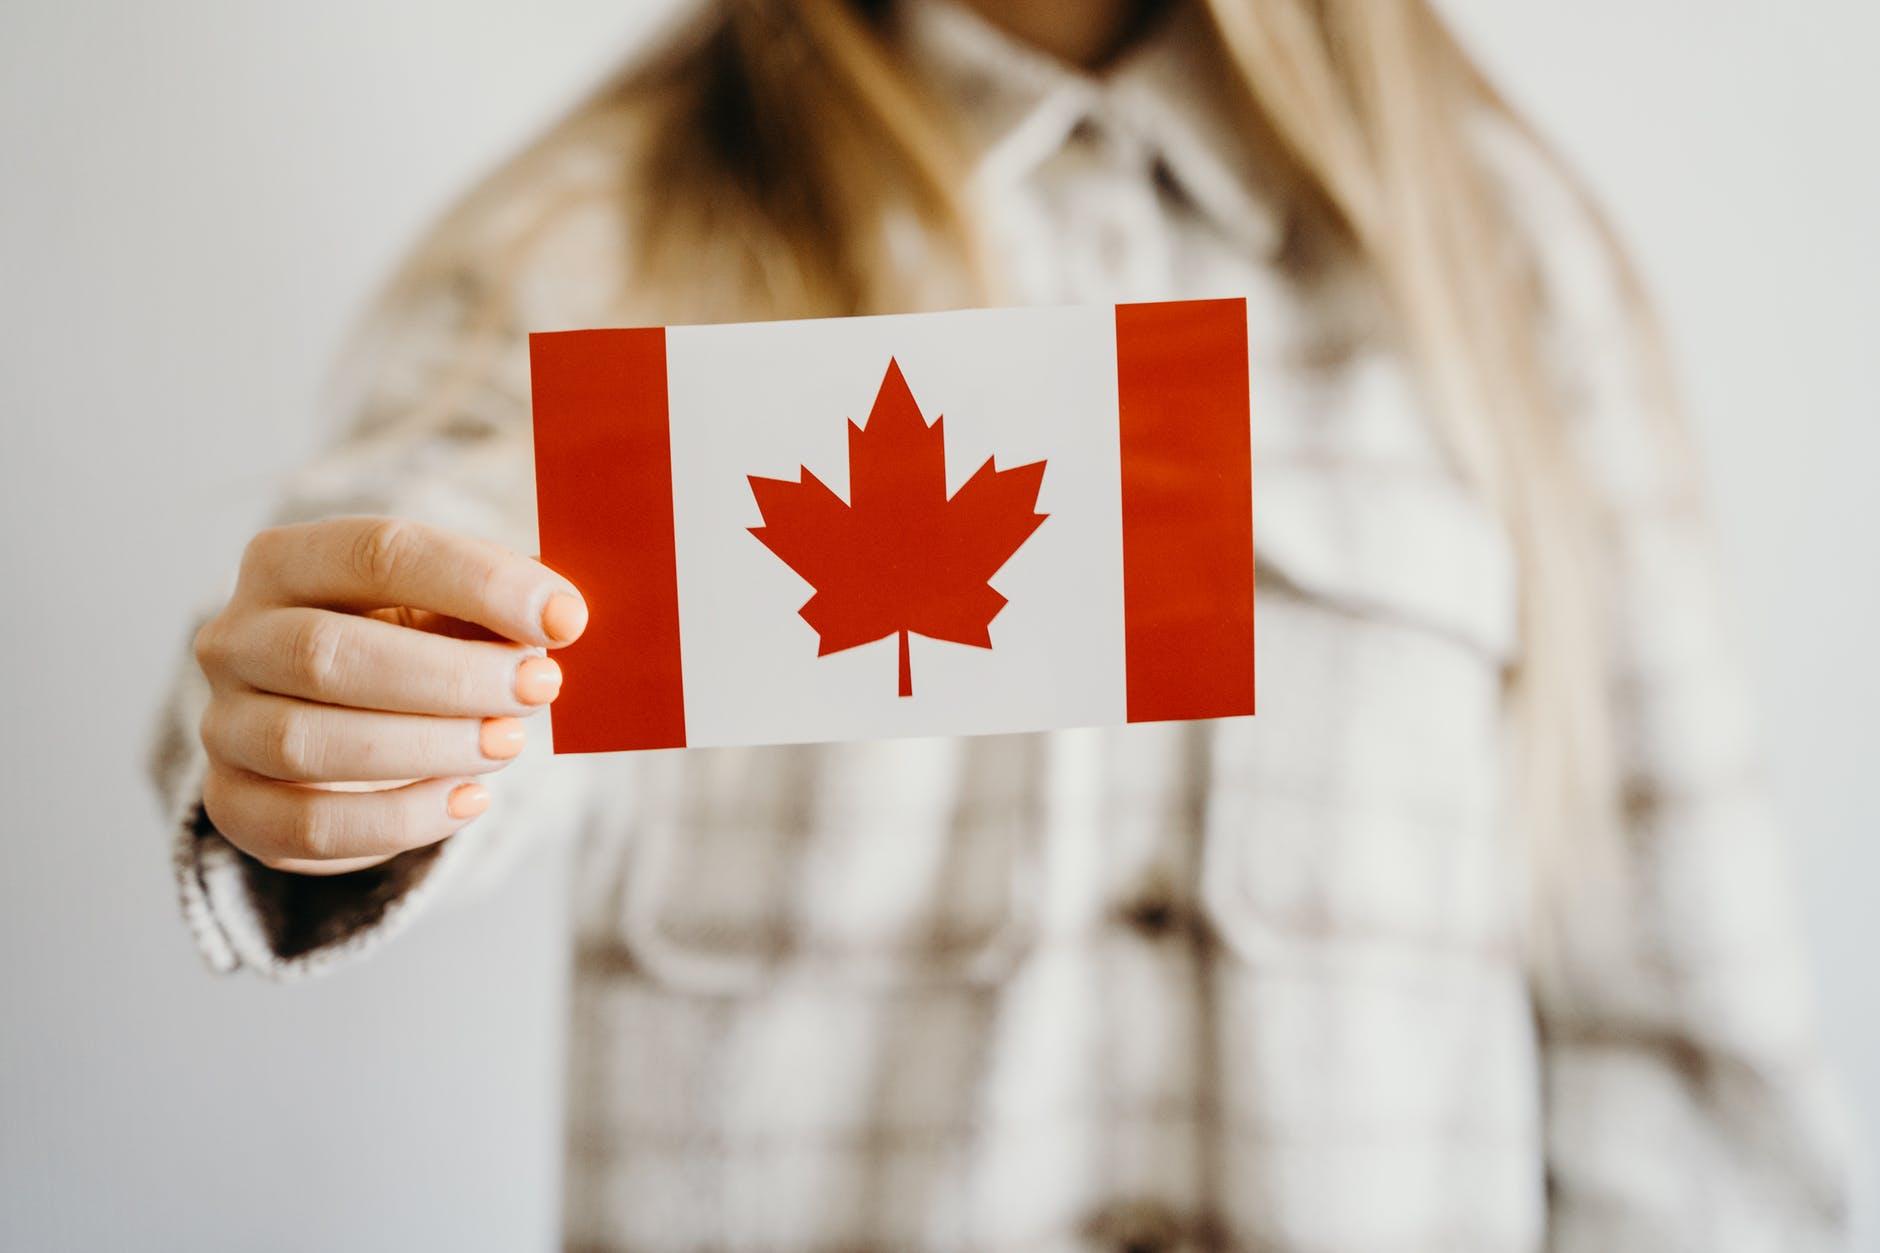 Các Chương Trình Đề Cử Tỉnh Bang Canada Tăng Tốc Tổ Chức Rút Thăm Mời Ứng Viên